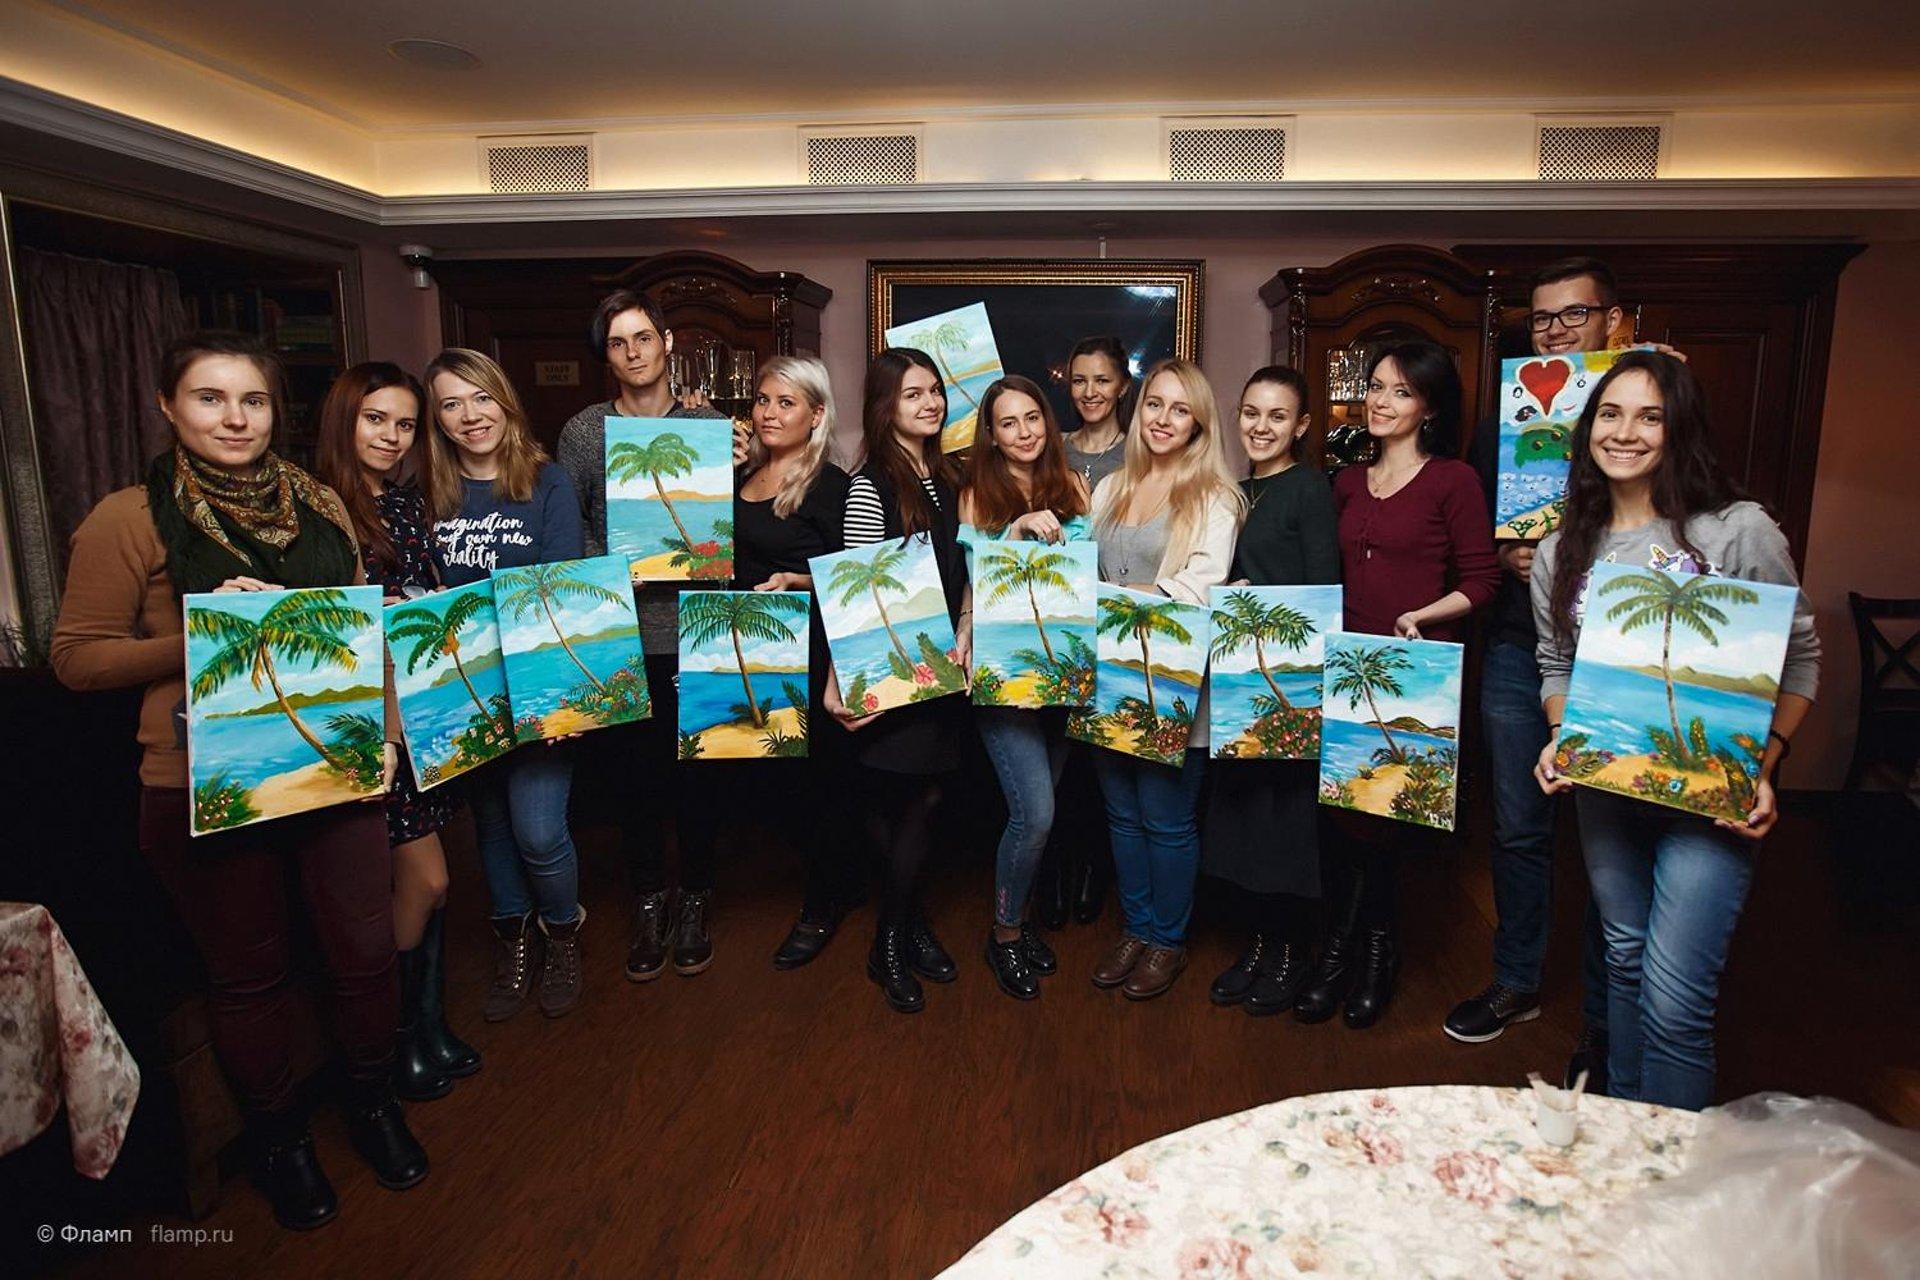 Фламперы на страже искусства: как прошёл мастер-класс от REPINSCHOOL